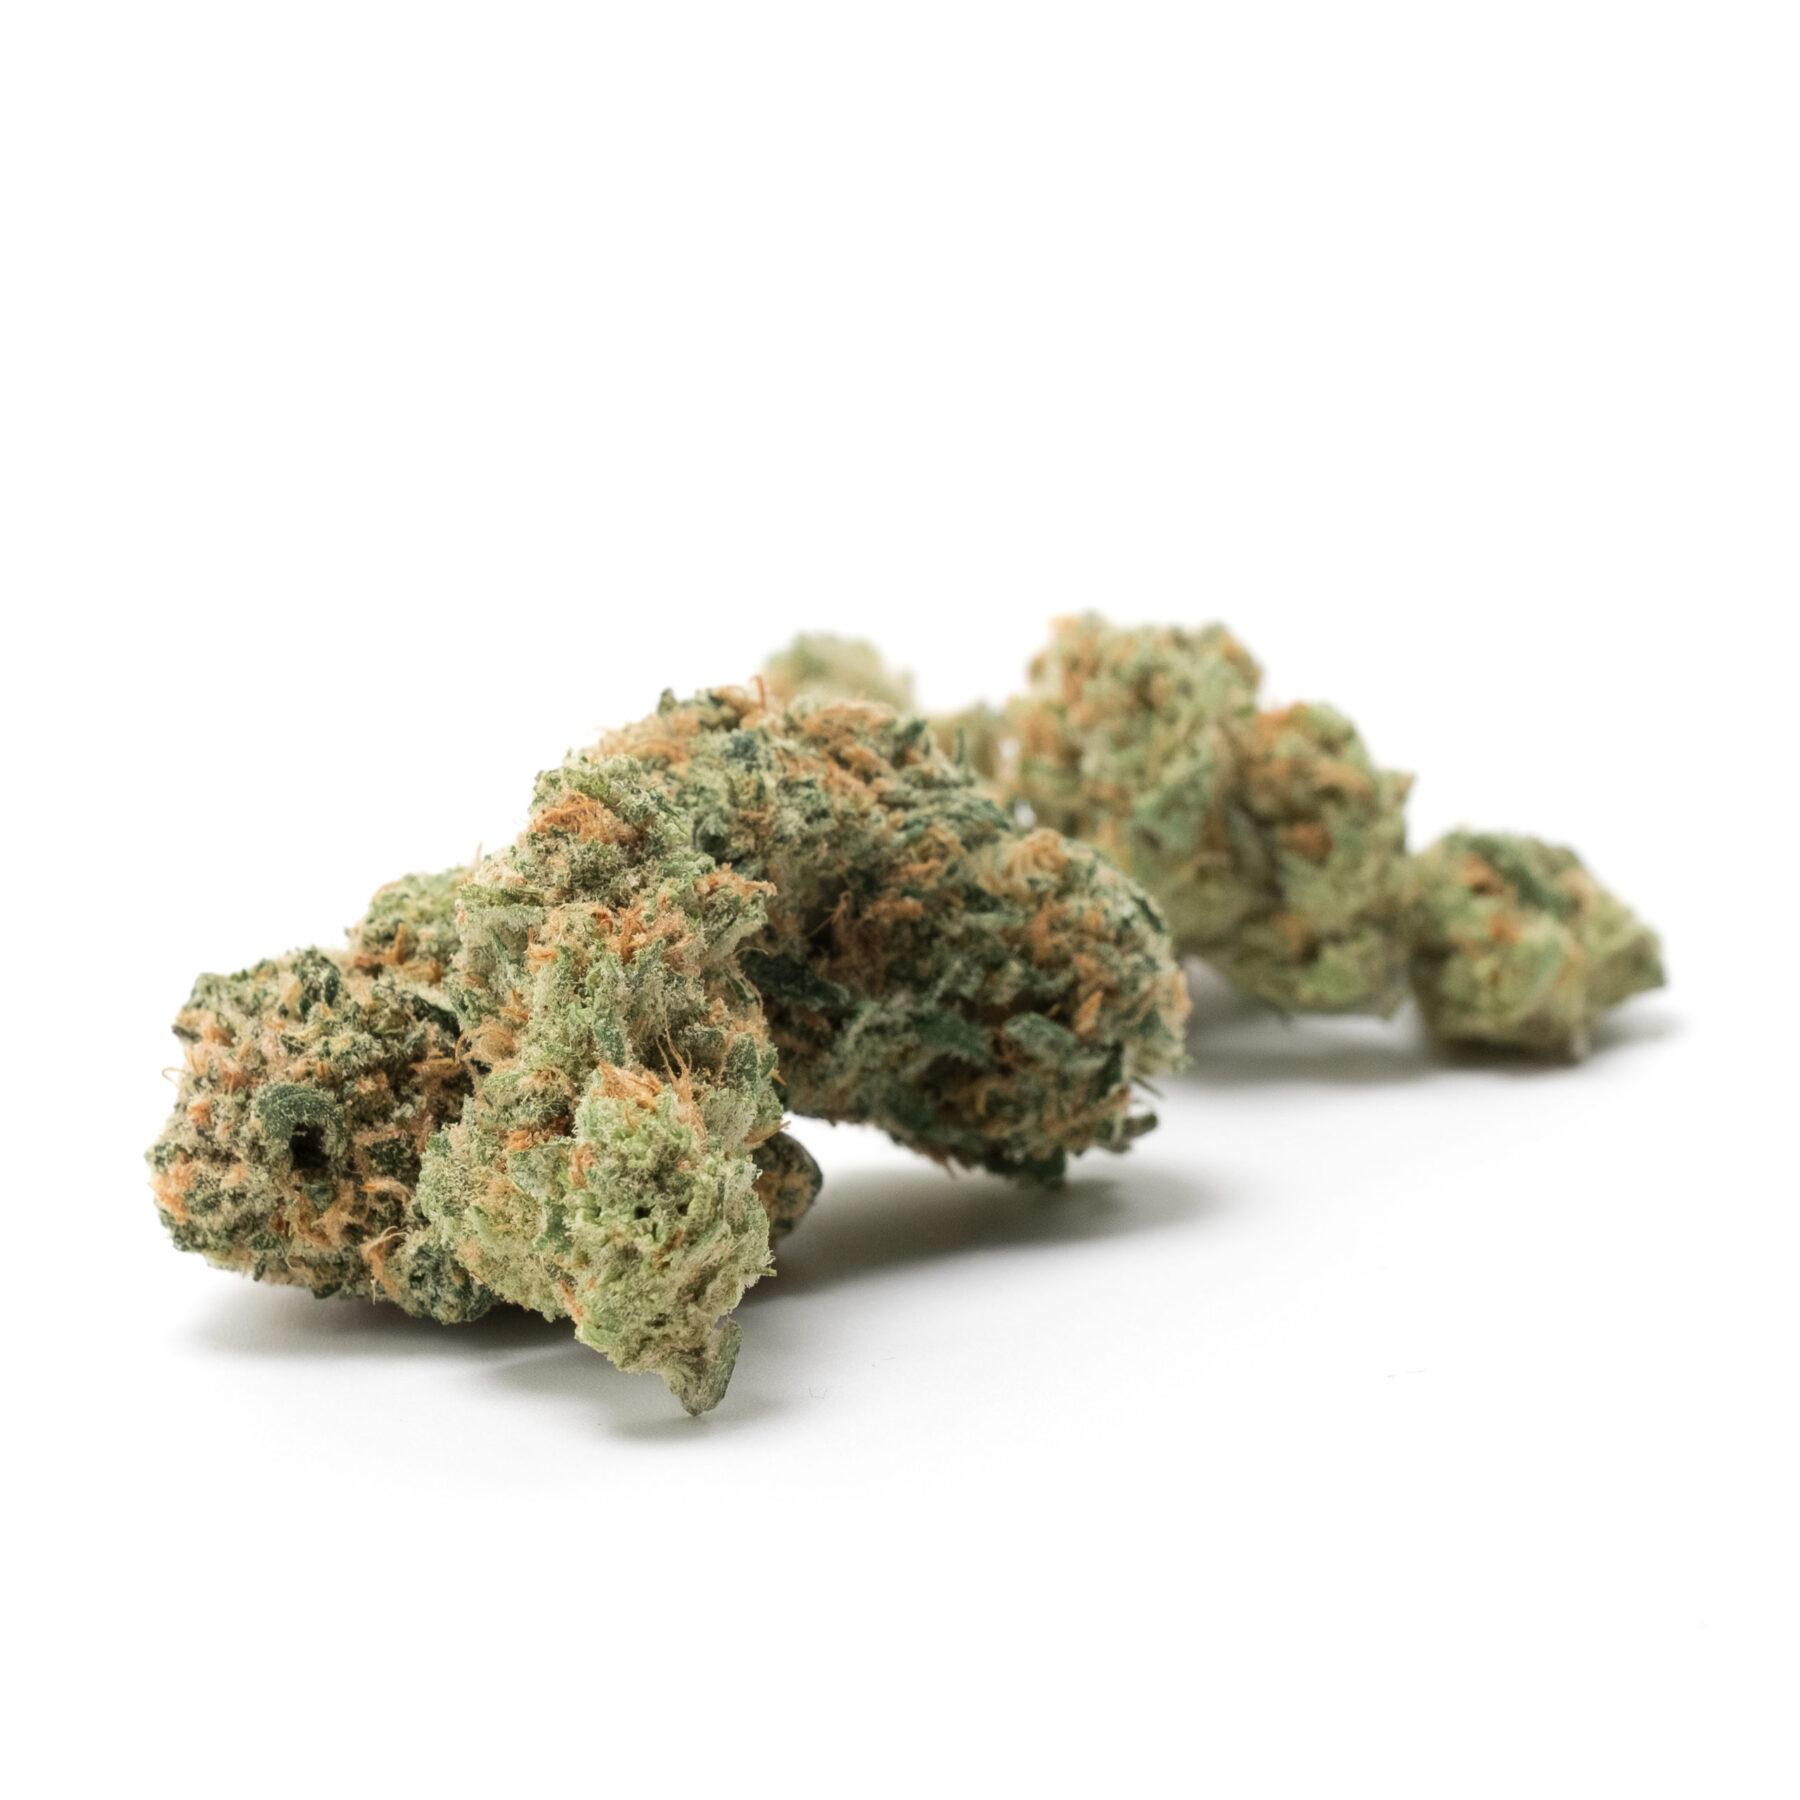 Cannabis pile